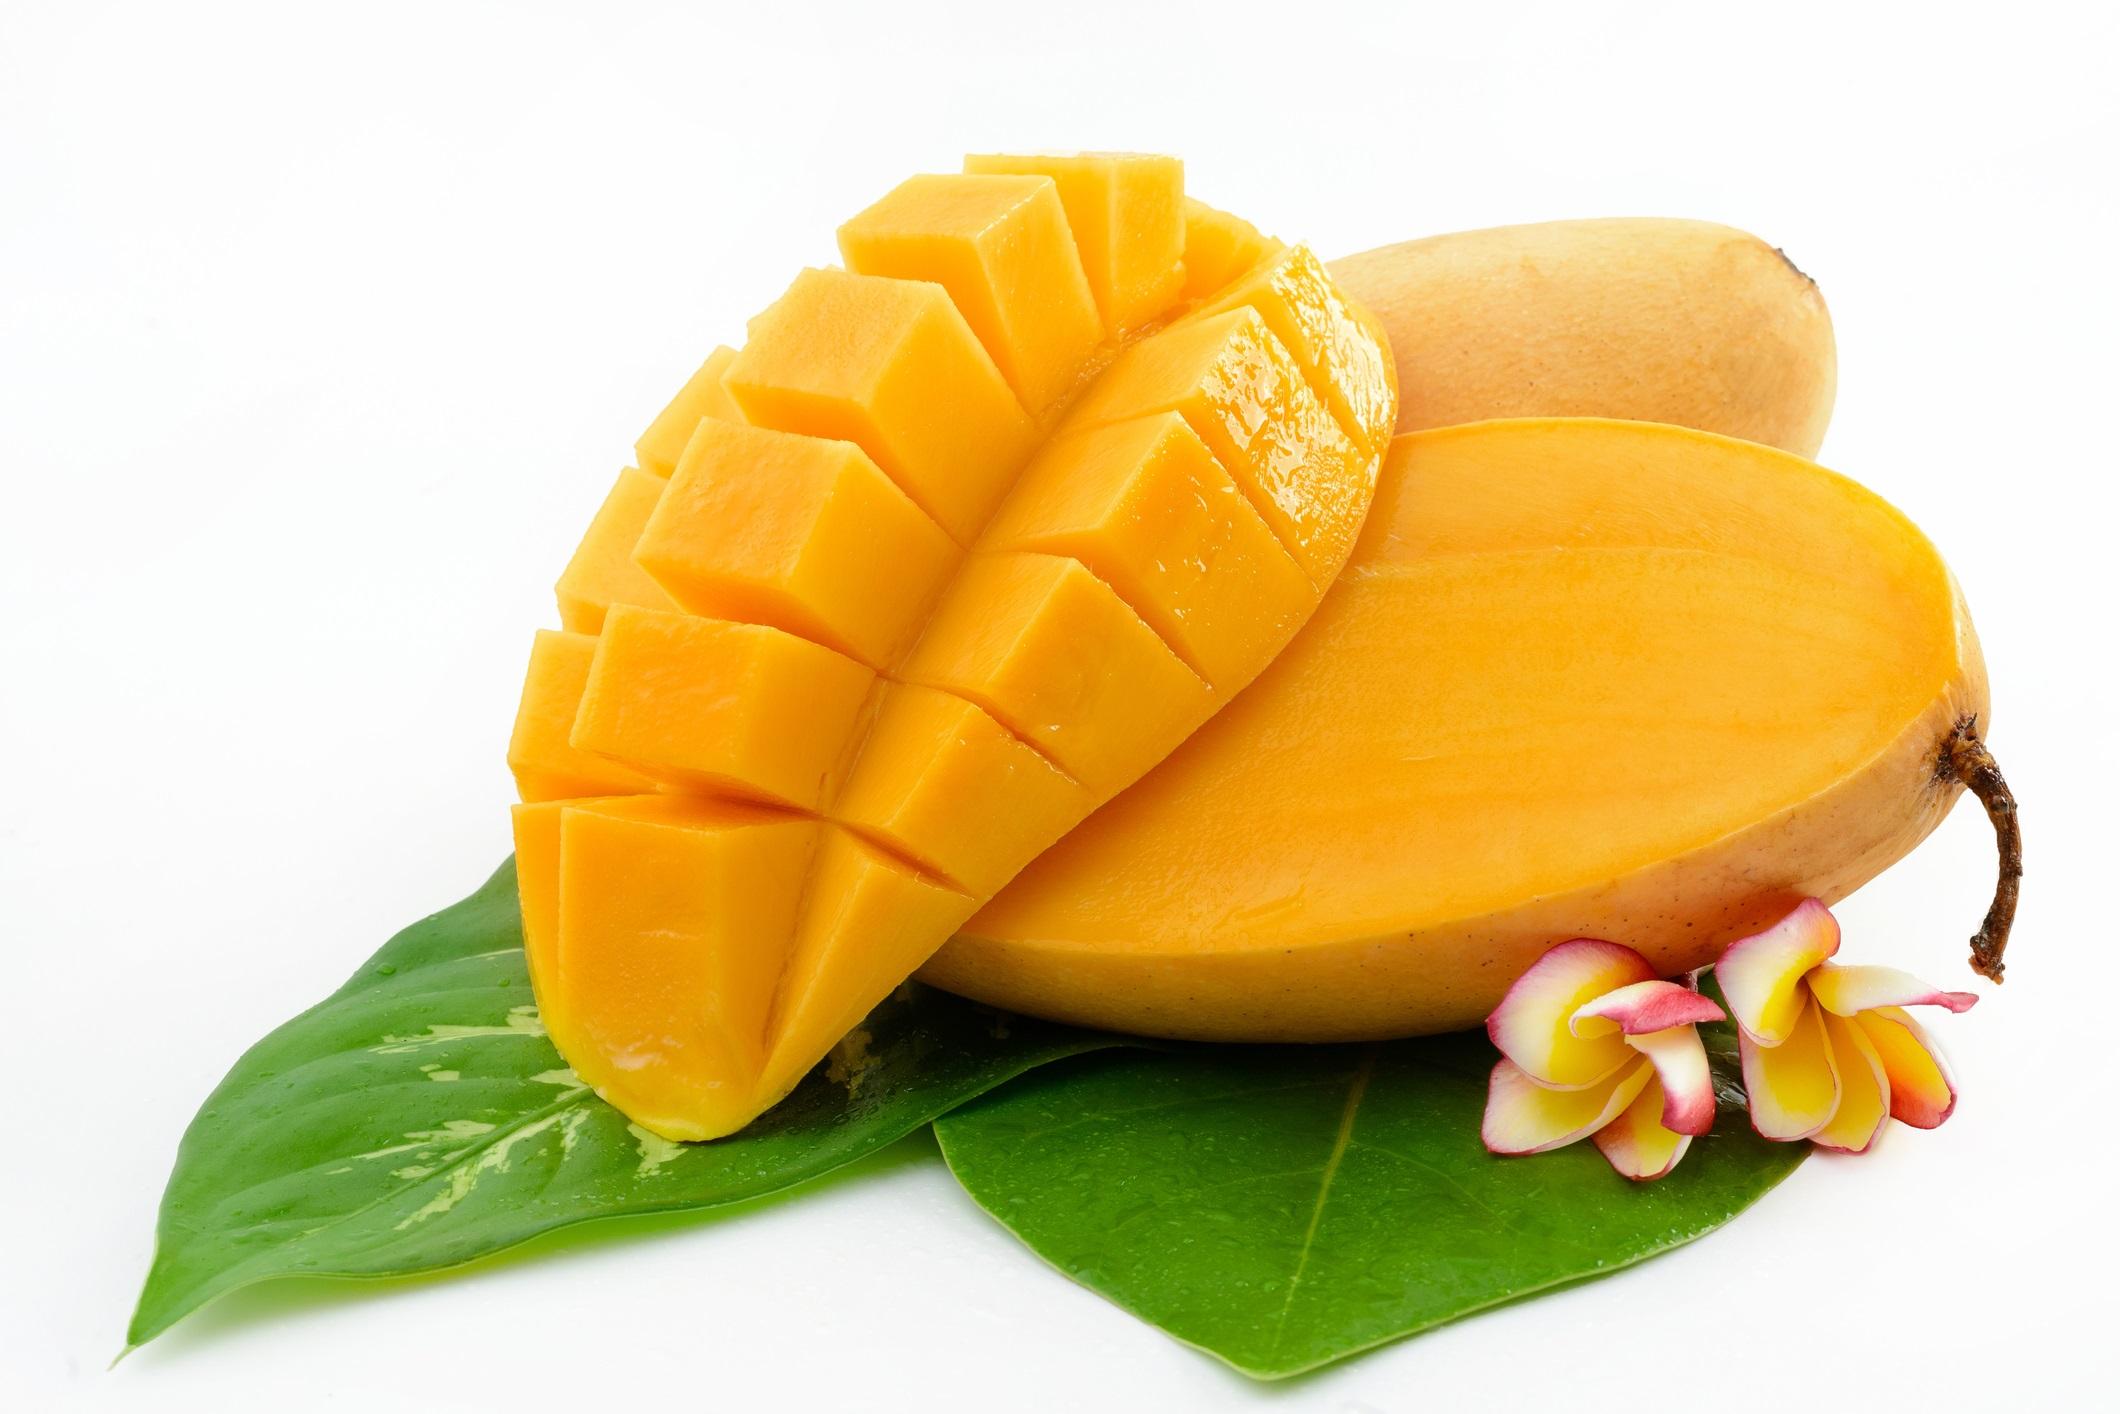 Лъв (22 юли – 22 август)<br /> <br /> Лъвът е благороден, горд и творчески знак и в съответствие със слънцето за него са подходящи всички жълти, оранжеви и златни храни – моркови, манго, царевица, банан, невен, шафран, слънчогледово семе, лайка и куркума. Местото за Лъва е от кон, бик, овен и петел. Но спокойно един Лъв може да включи в менюто си и пилешко, агнешко и говеждо.<br /> <br /> Стил на готвене<br /> <br /> Лъвът обича драмата в храната и вижда готвенето като представление. Неговото готвене изисква аплодисменти и одобрителни възгласи, добре дошли са също доволна въздишка и благодарствен подарък. Лъвовете биха прекарали дни наред в обмисляне и приготвяне на едно ястие, но тежко и горко на онзи, който не одобри сготвеното от Лъв.